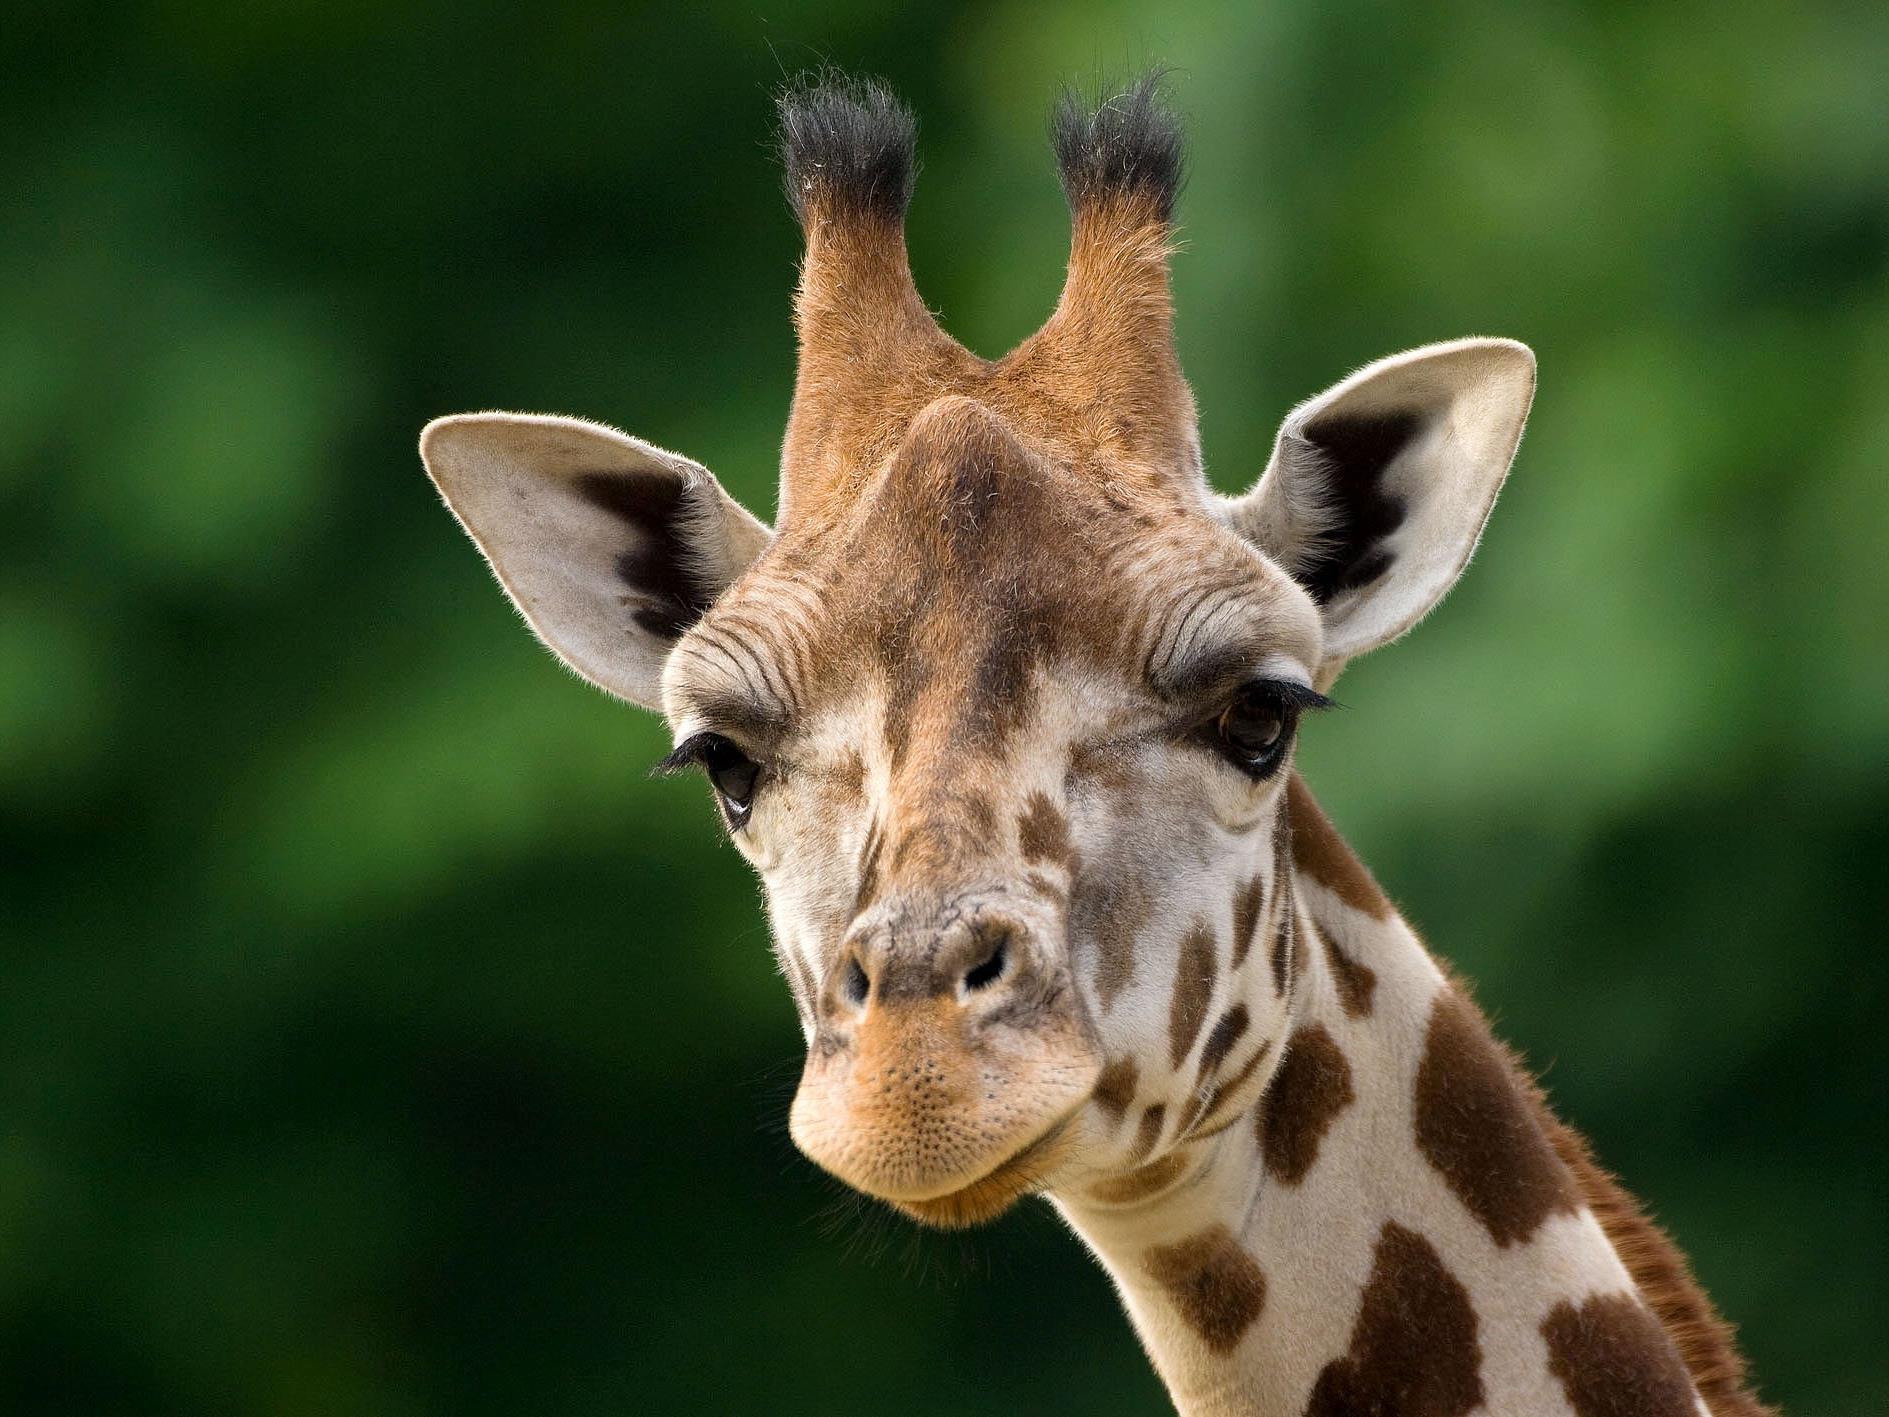 Mit den Giraffen auf Augenhöhe - bald möglich in Schönbrunn